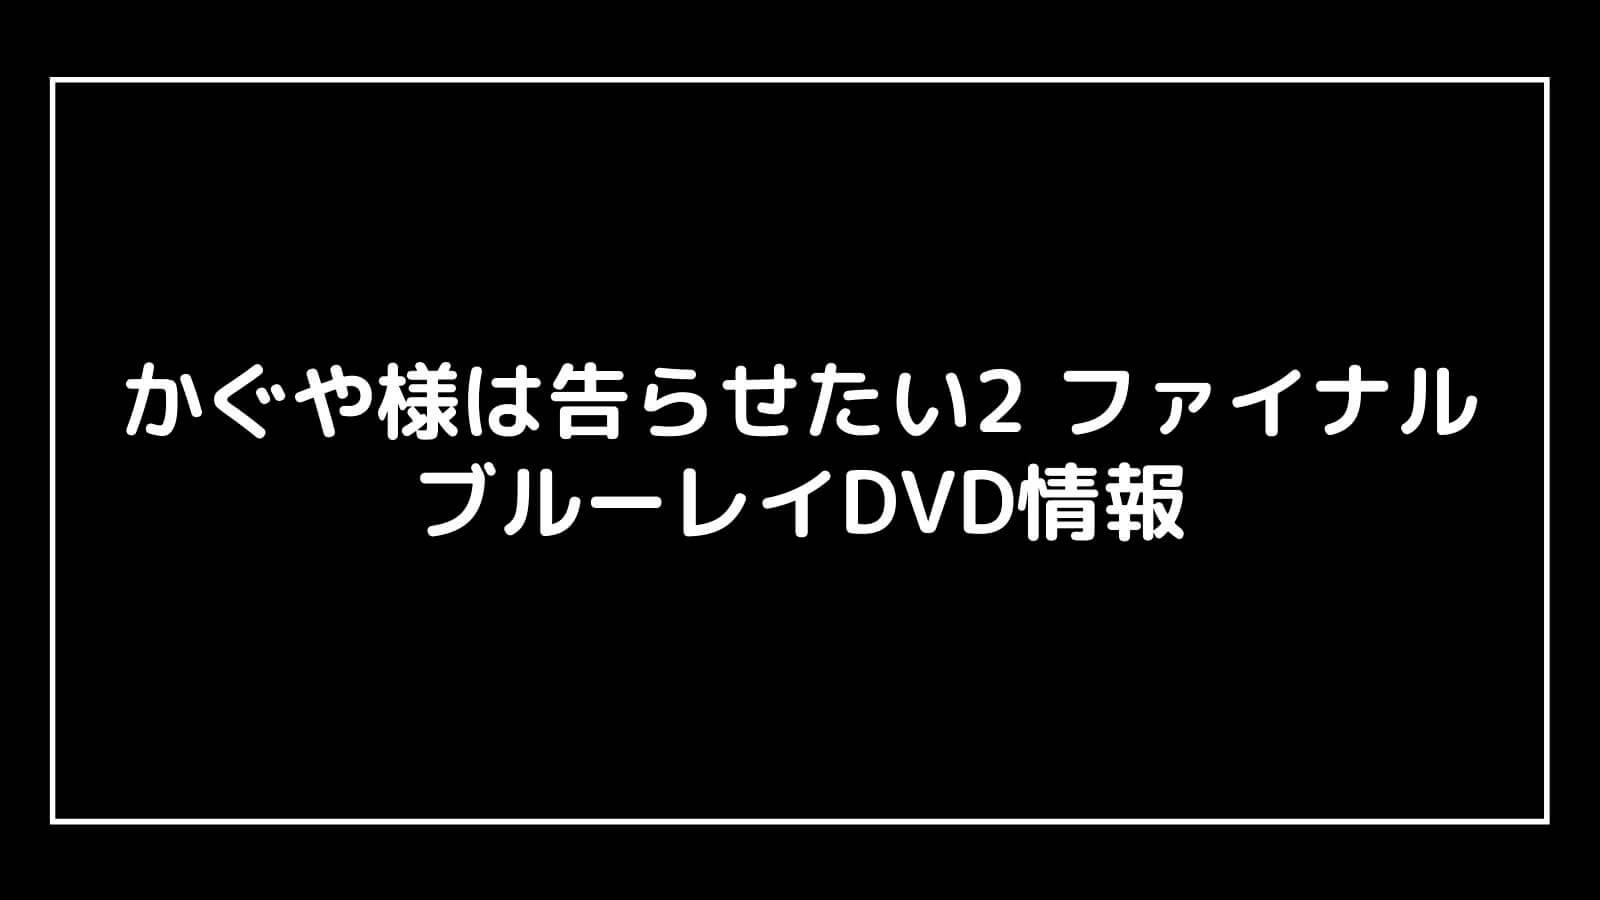 映画『かぐや様は告らせたい2 ファイナル』のDVD発売日と予約開始日はいつから?円盤情報まとめ